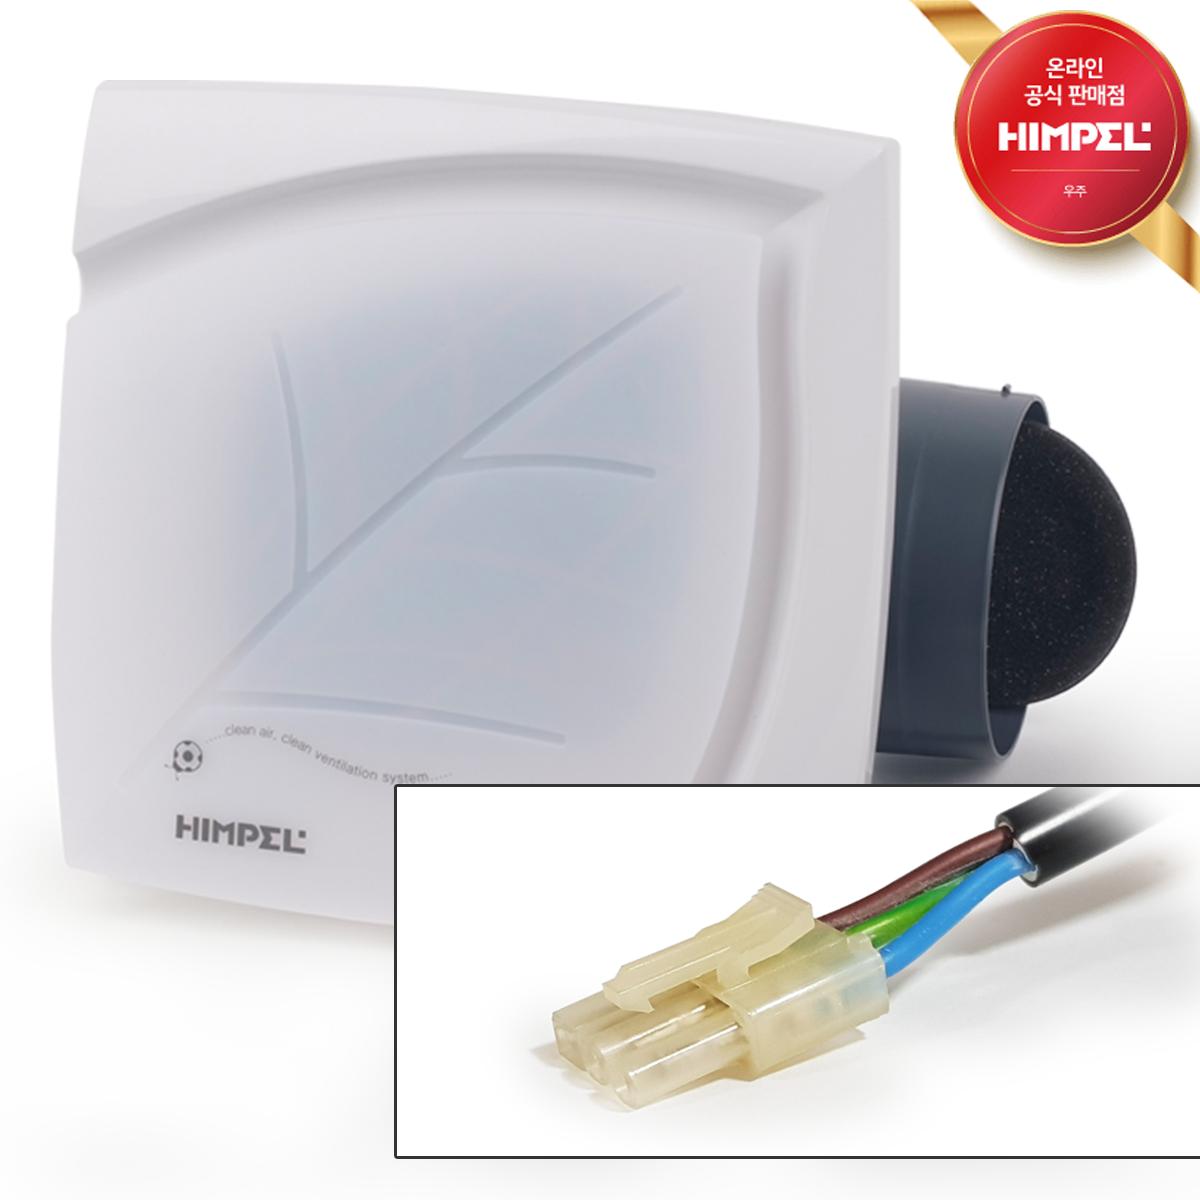 힘펠 플렉스 C2-100LB(W) 중정압 욕실 환풍기, C2-100LW 3C 커넥터타입